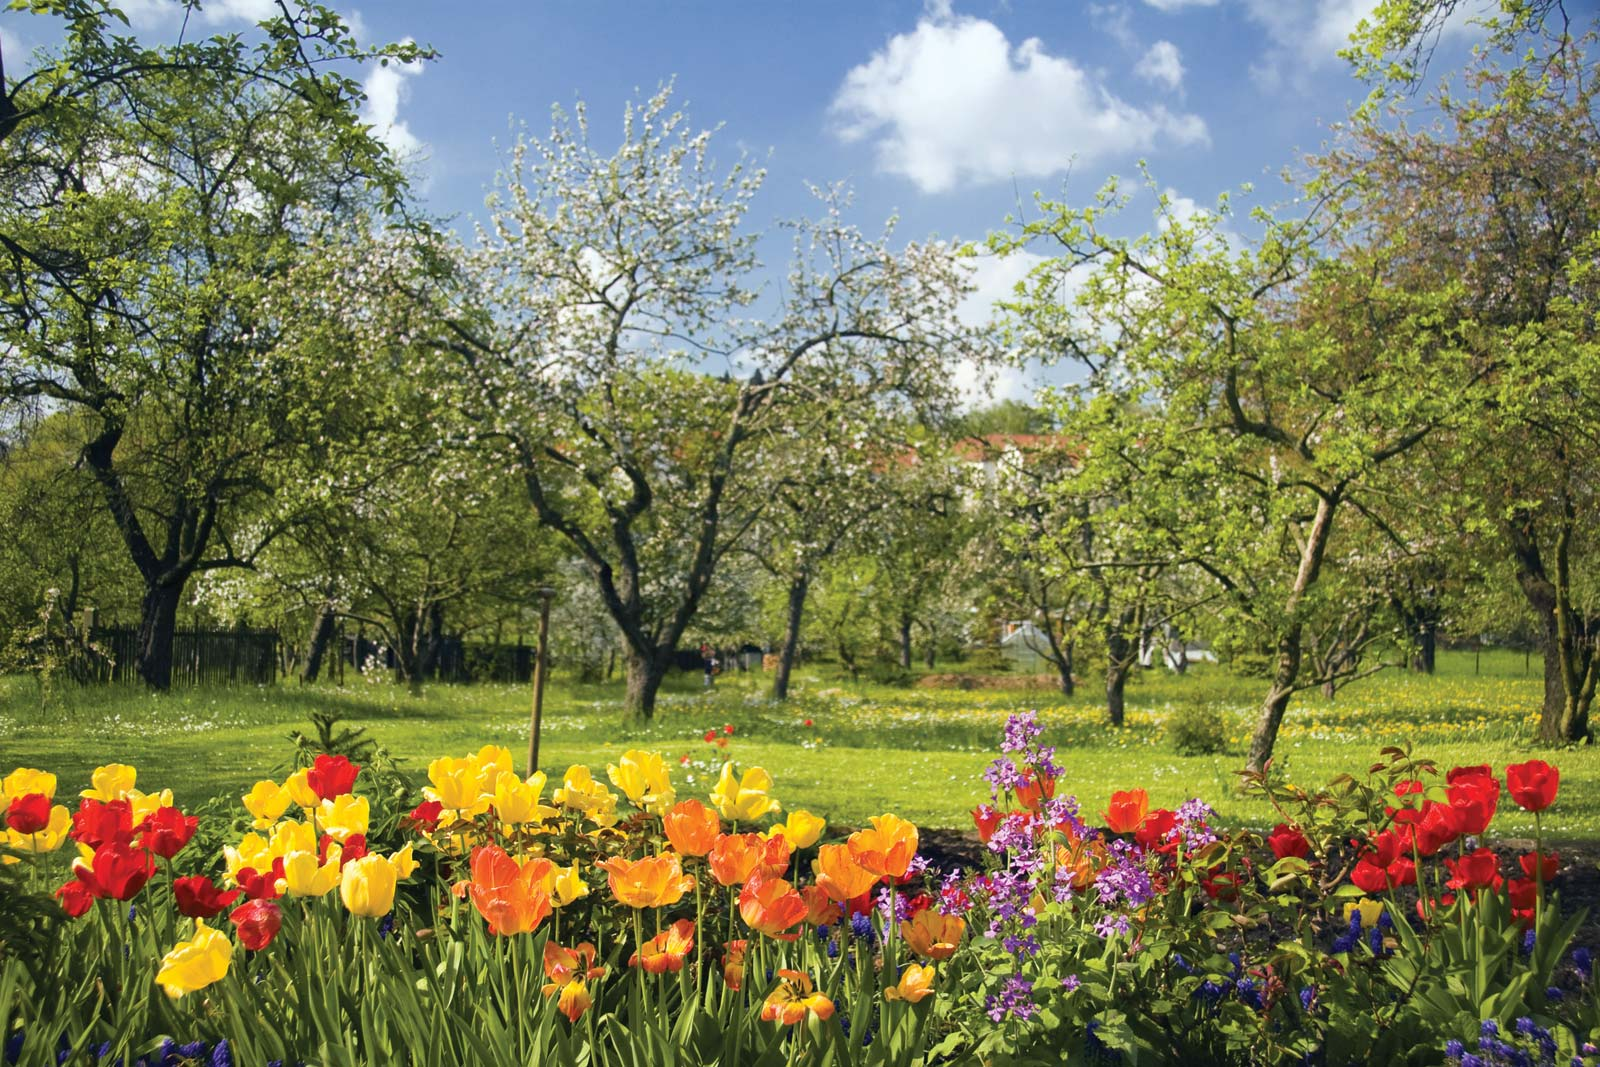 Mùa xuân về hoa ly nở rộ